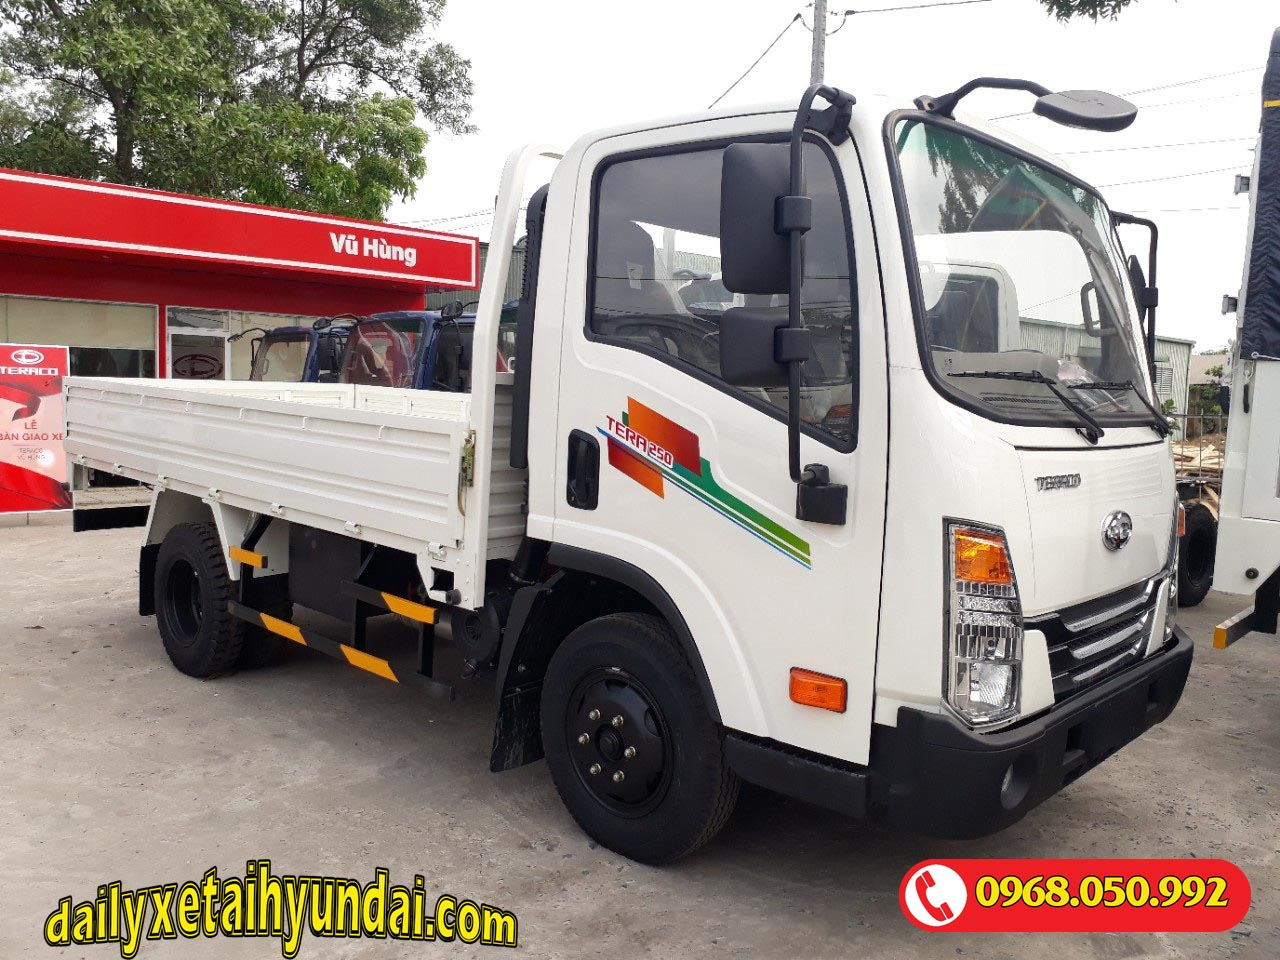 Xe tải tera 250 thùng lửng